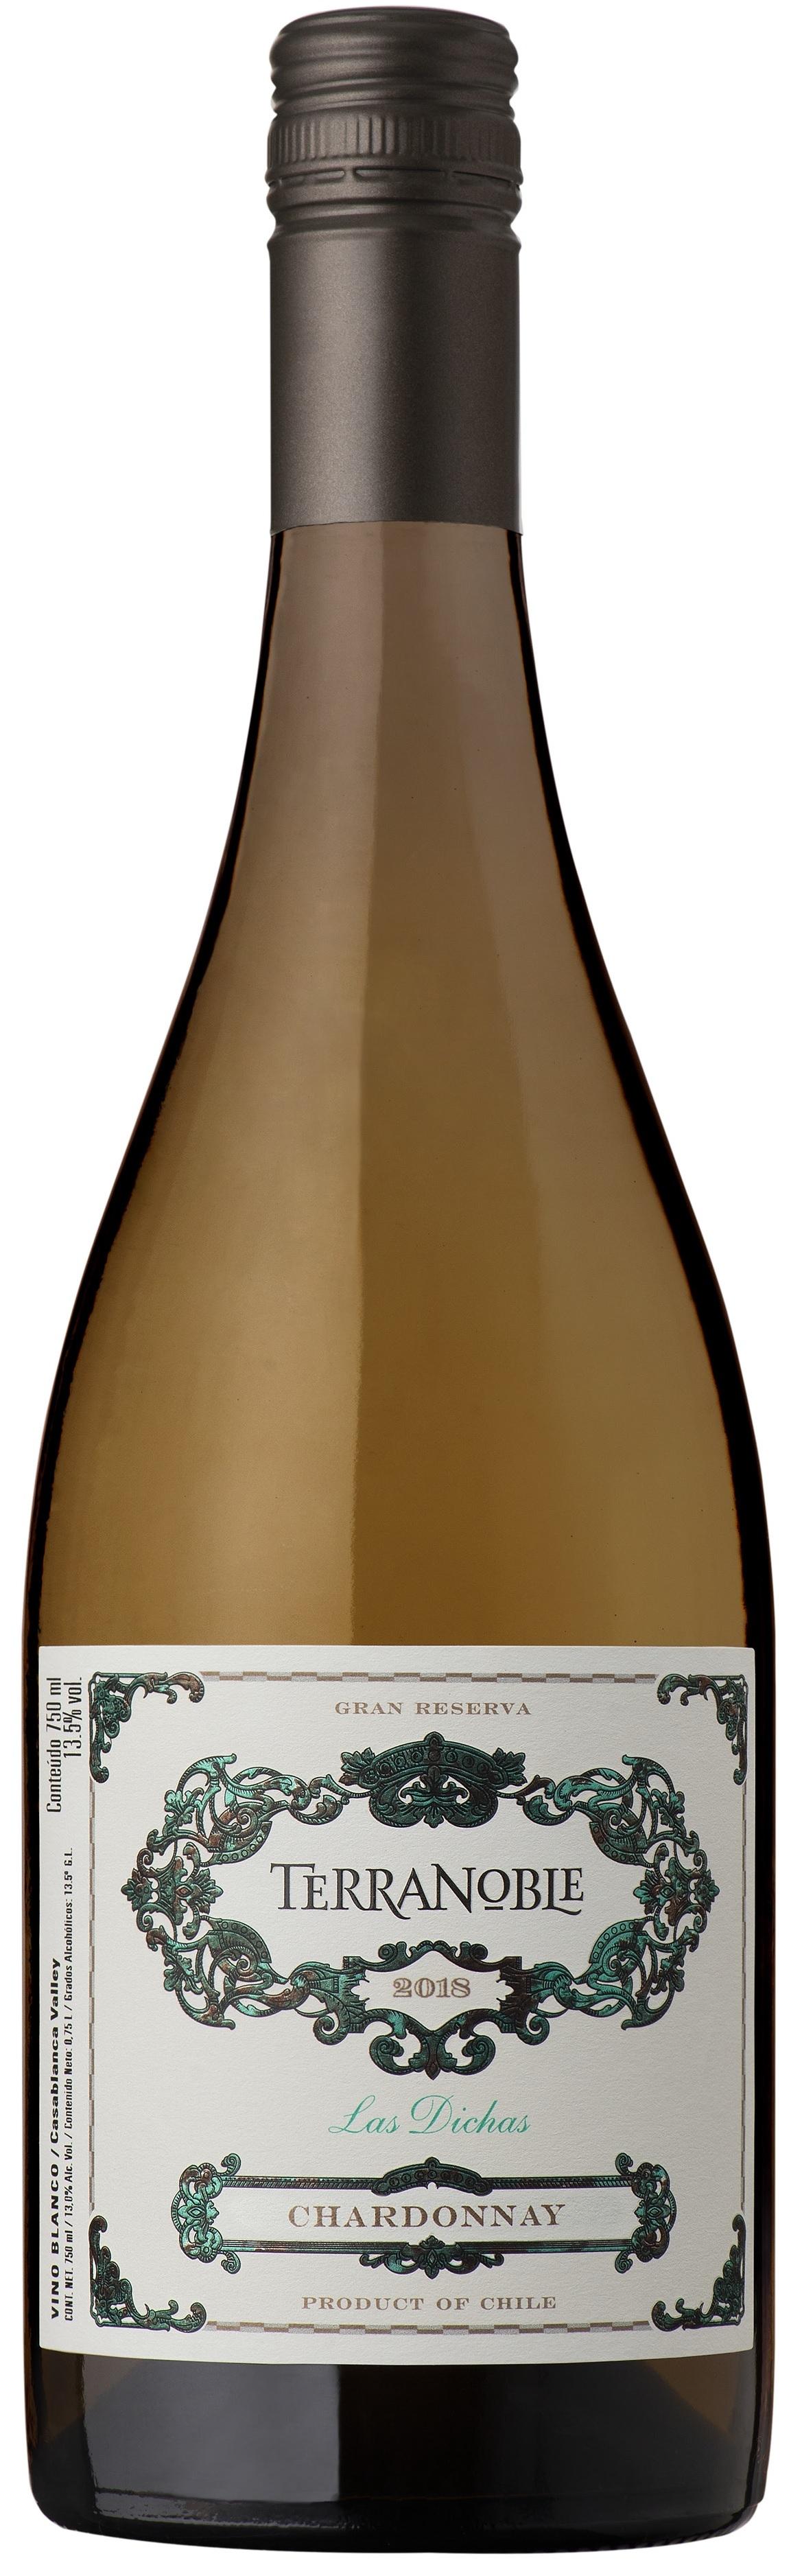 Caudalia wine Box Septiembre 2021 Chile Bodega Terranoble - Gran Reserva - Casablanca - Chile - 2018